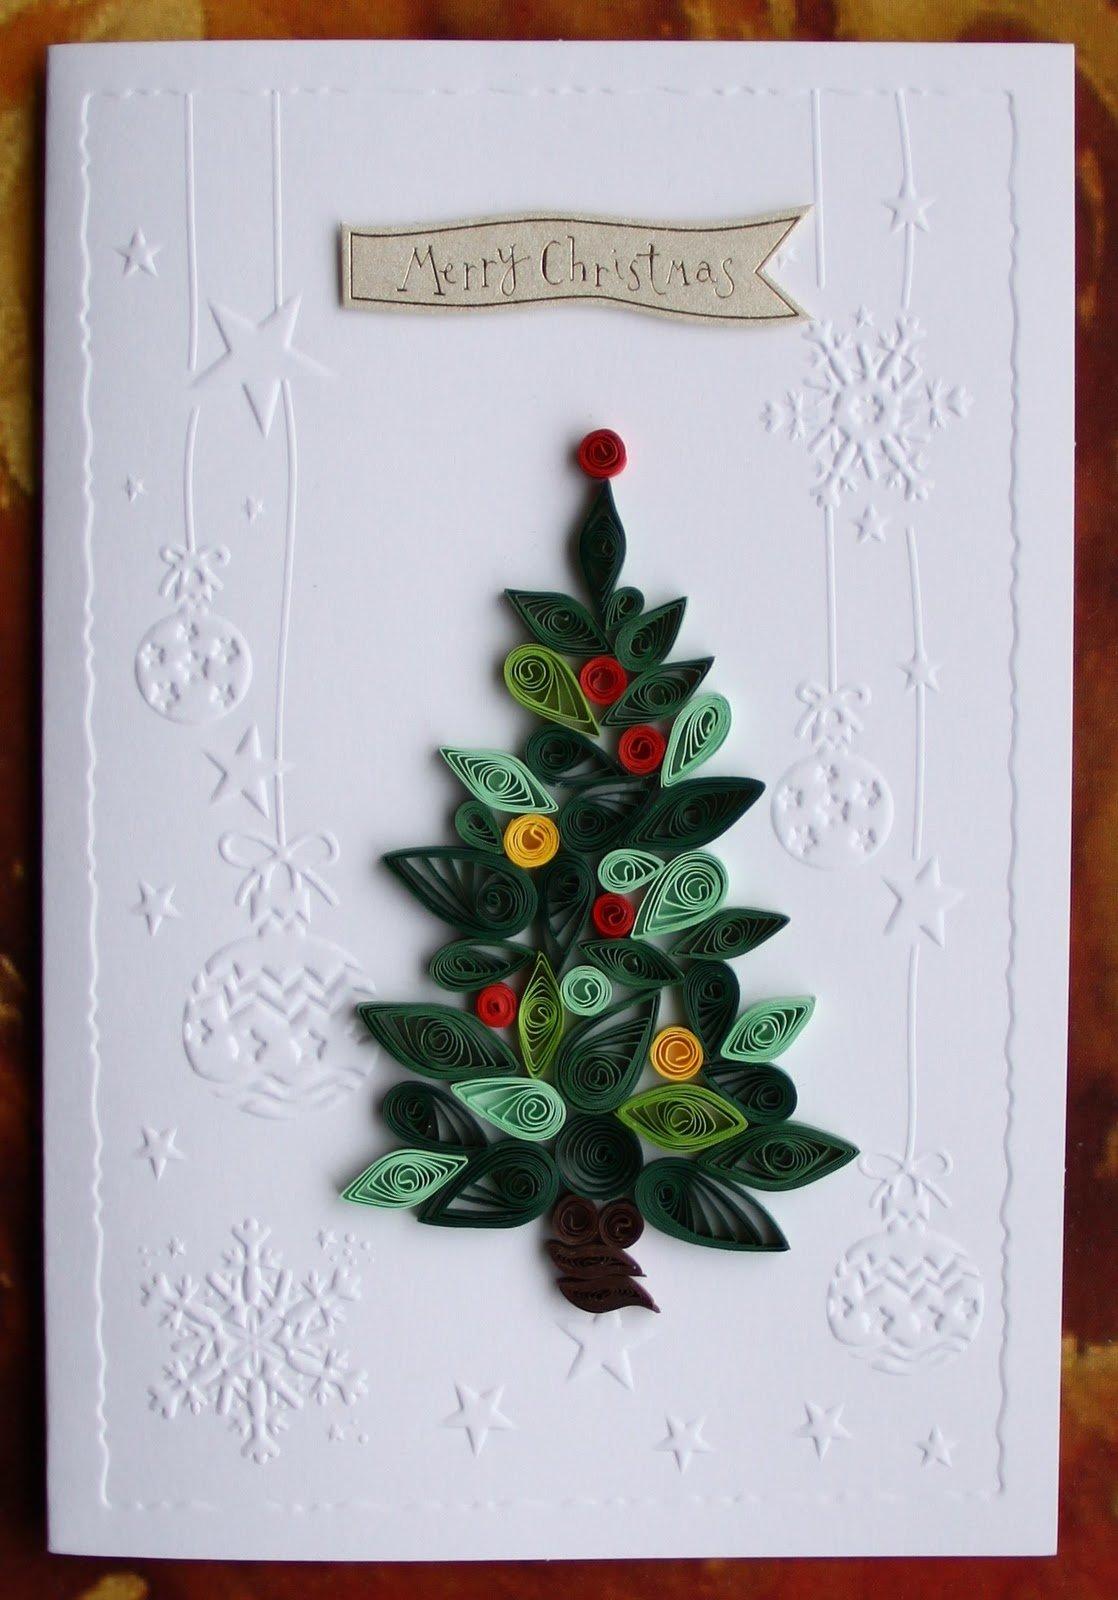 открытки квиллинг своими руками к новому году найти